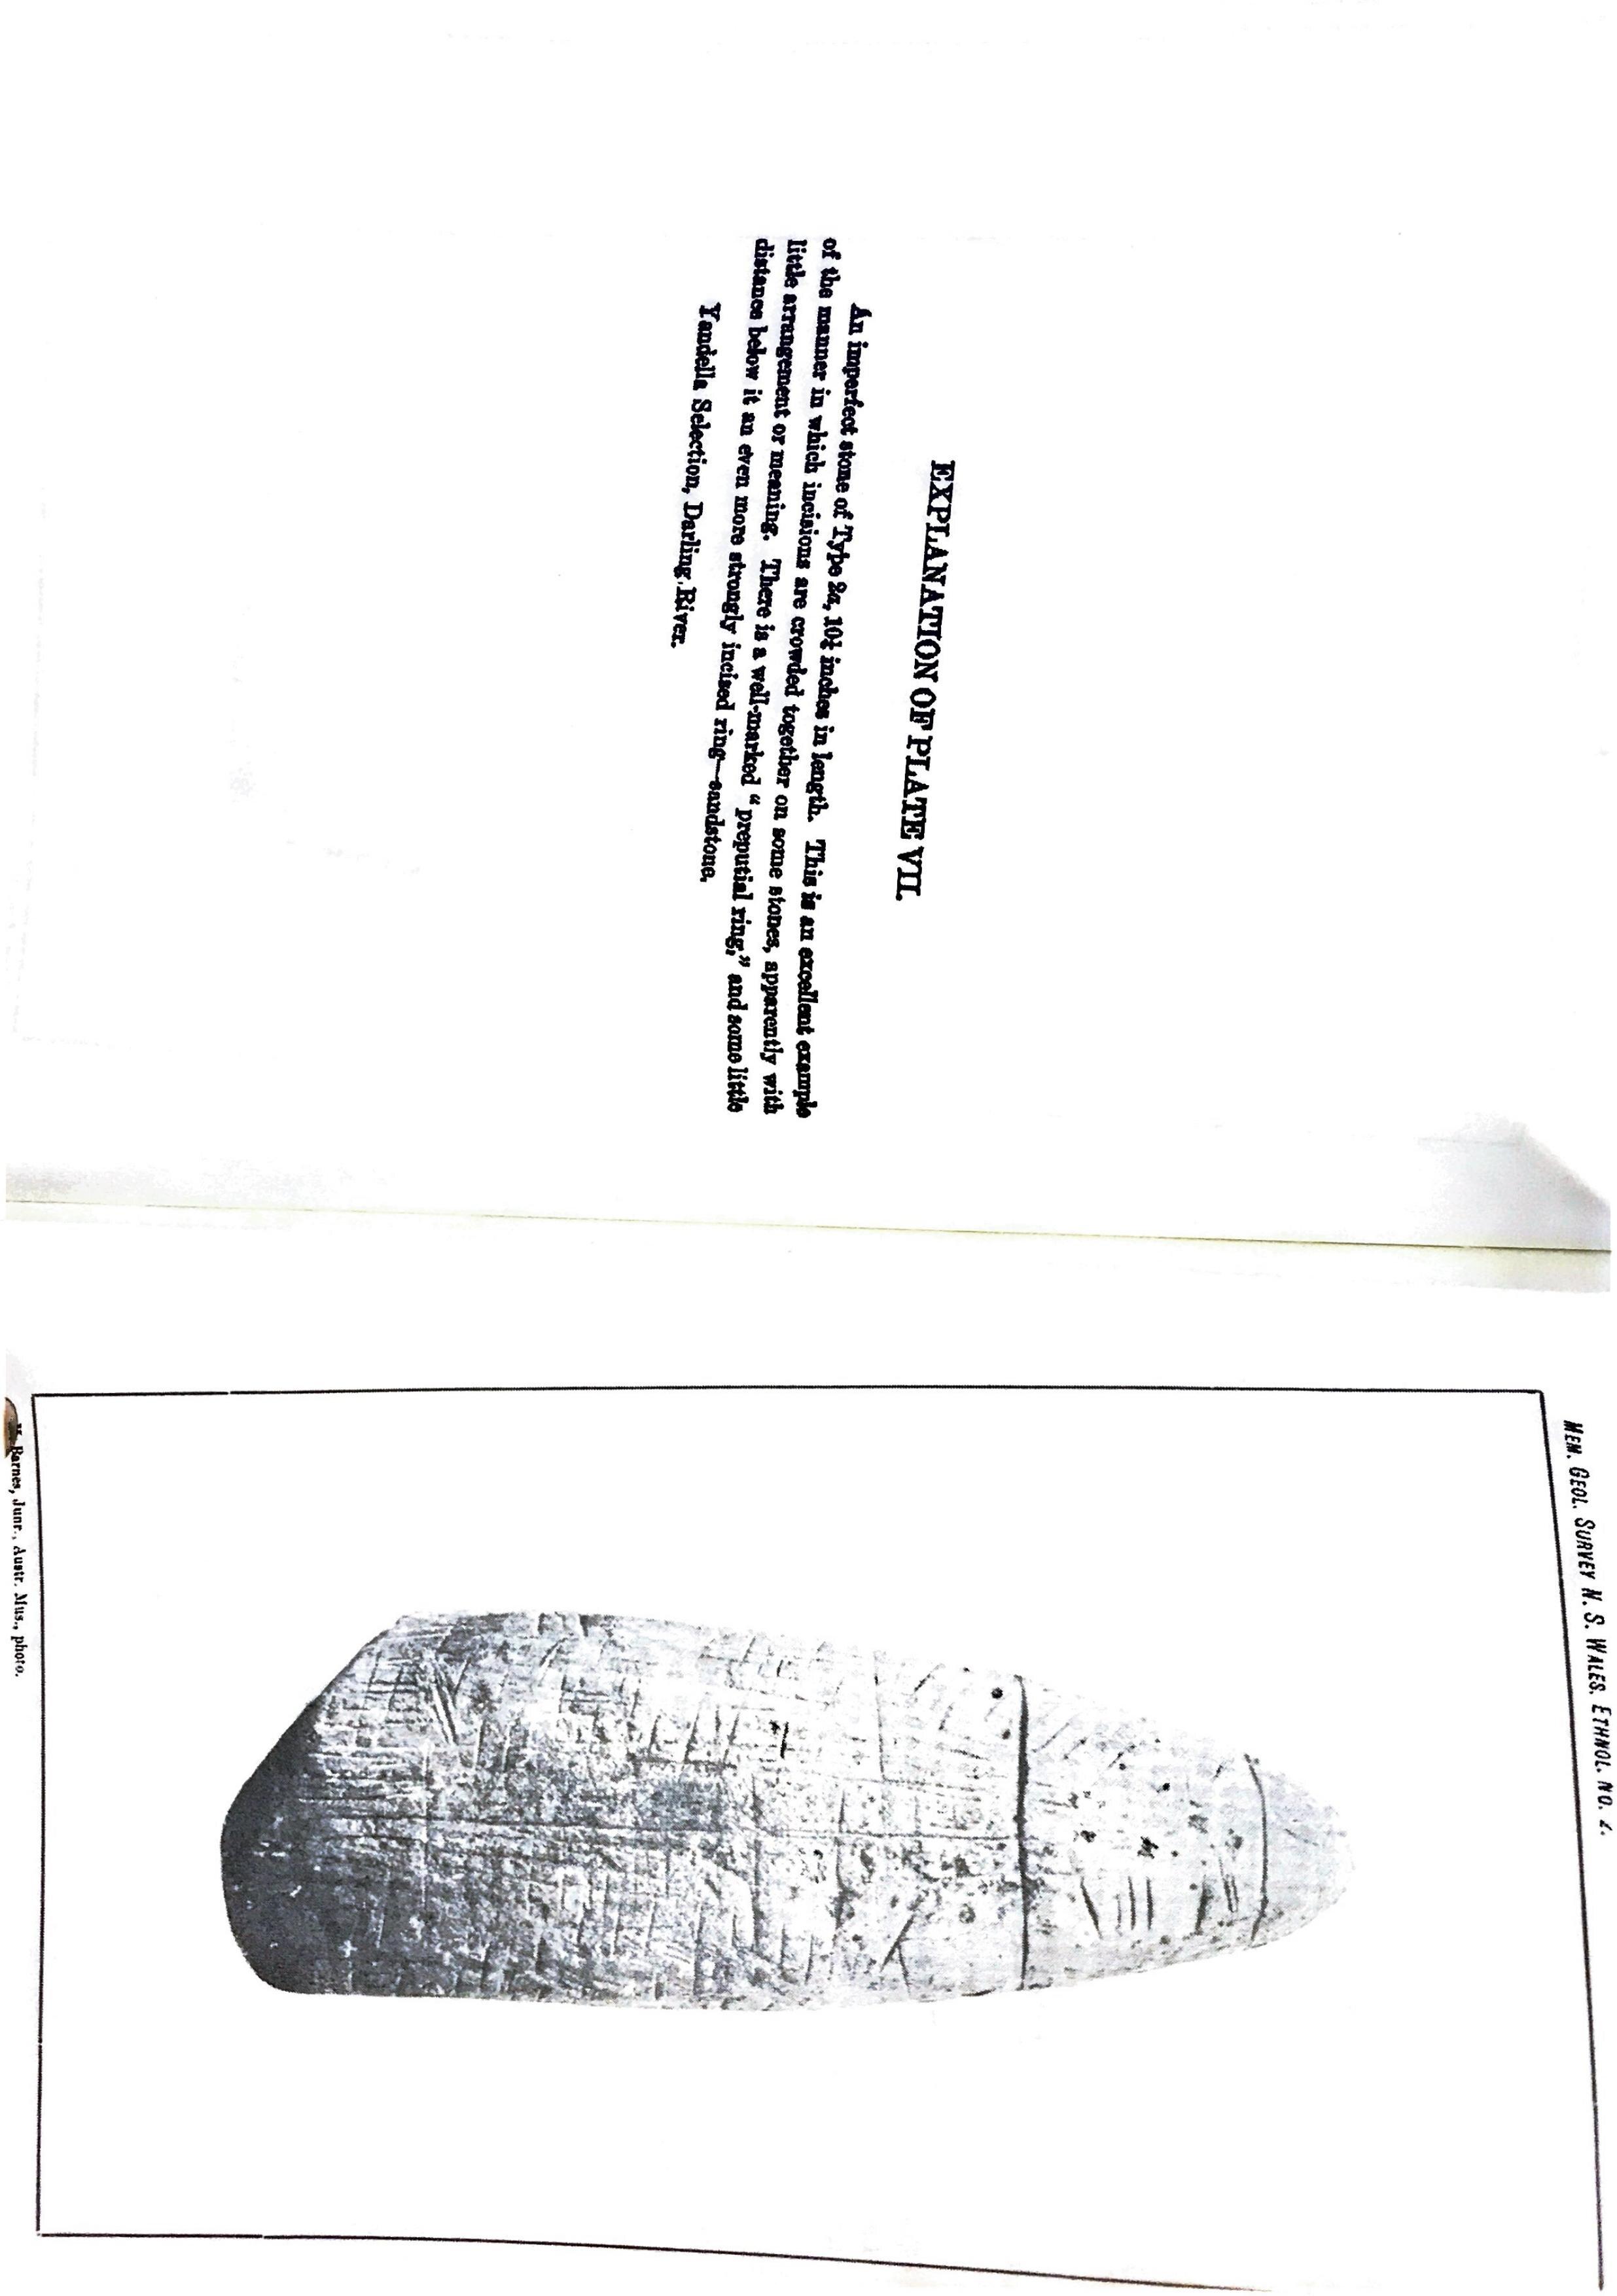 0001-11.jpg